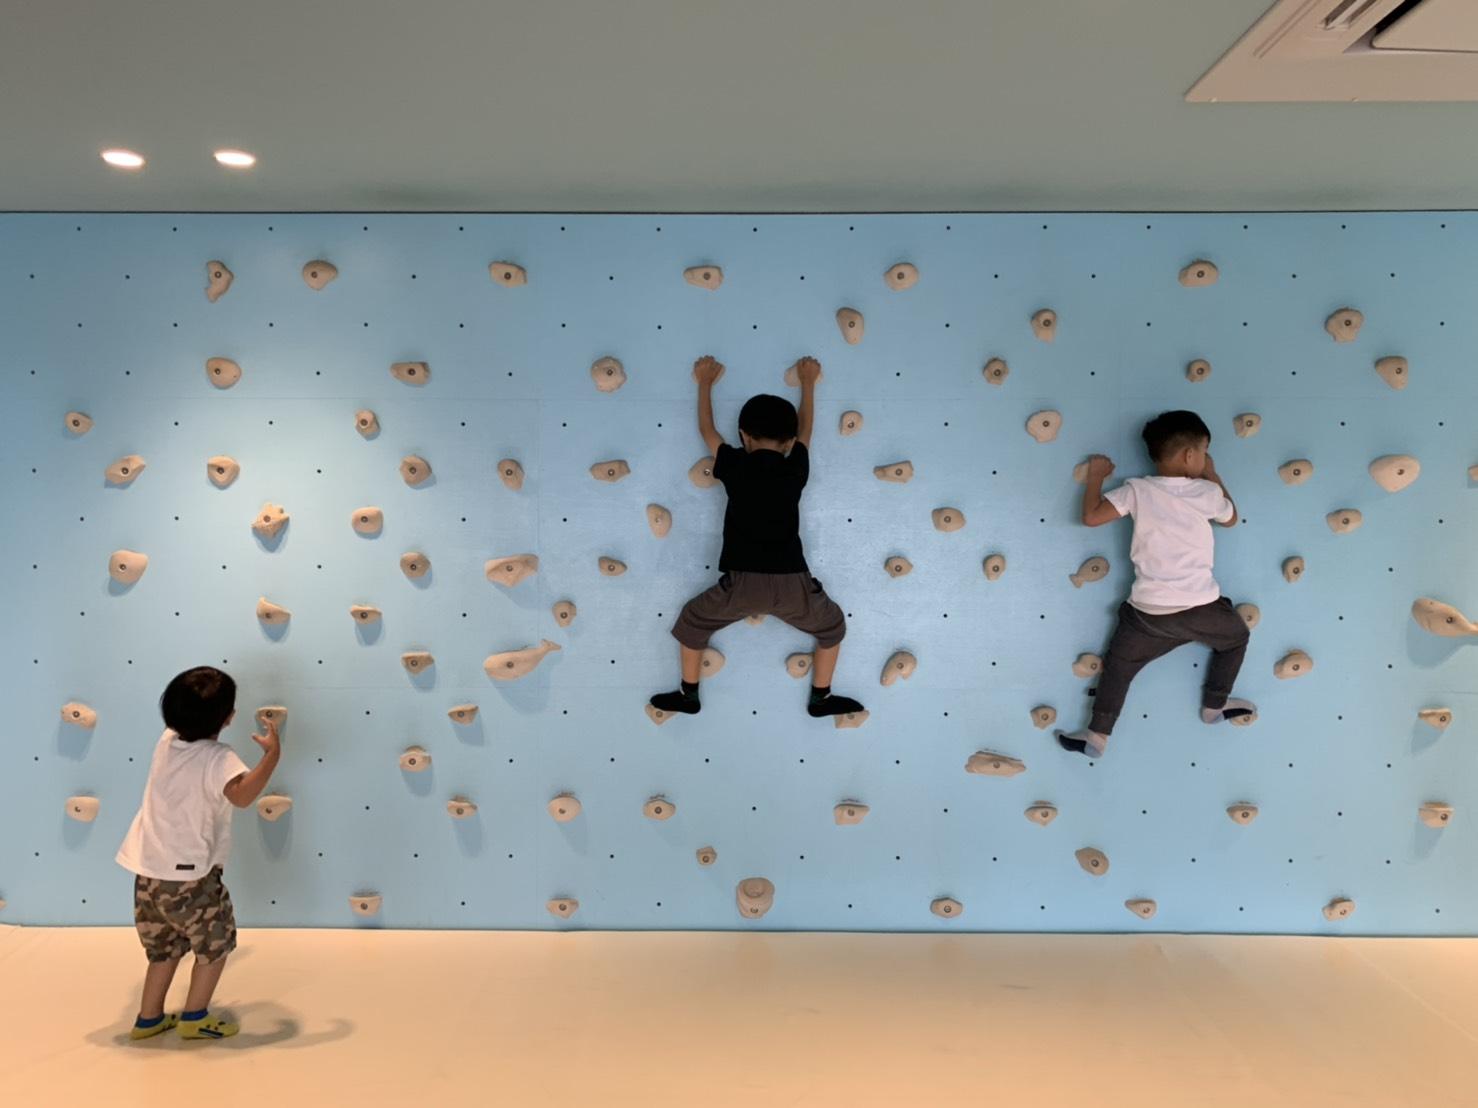 室內遊戲室的攀岩牆